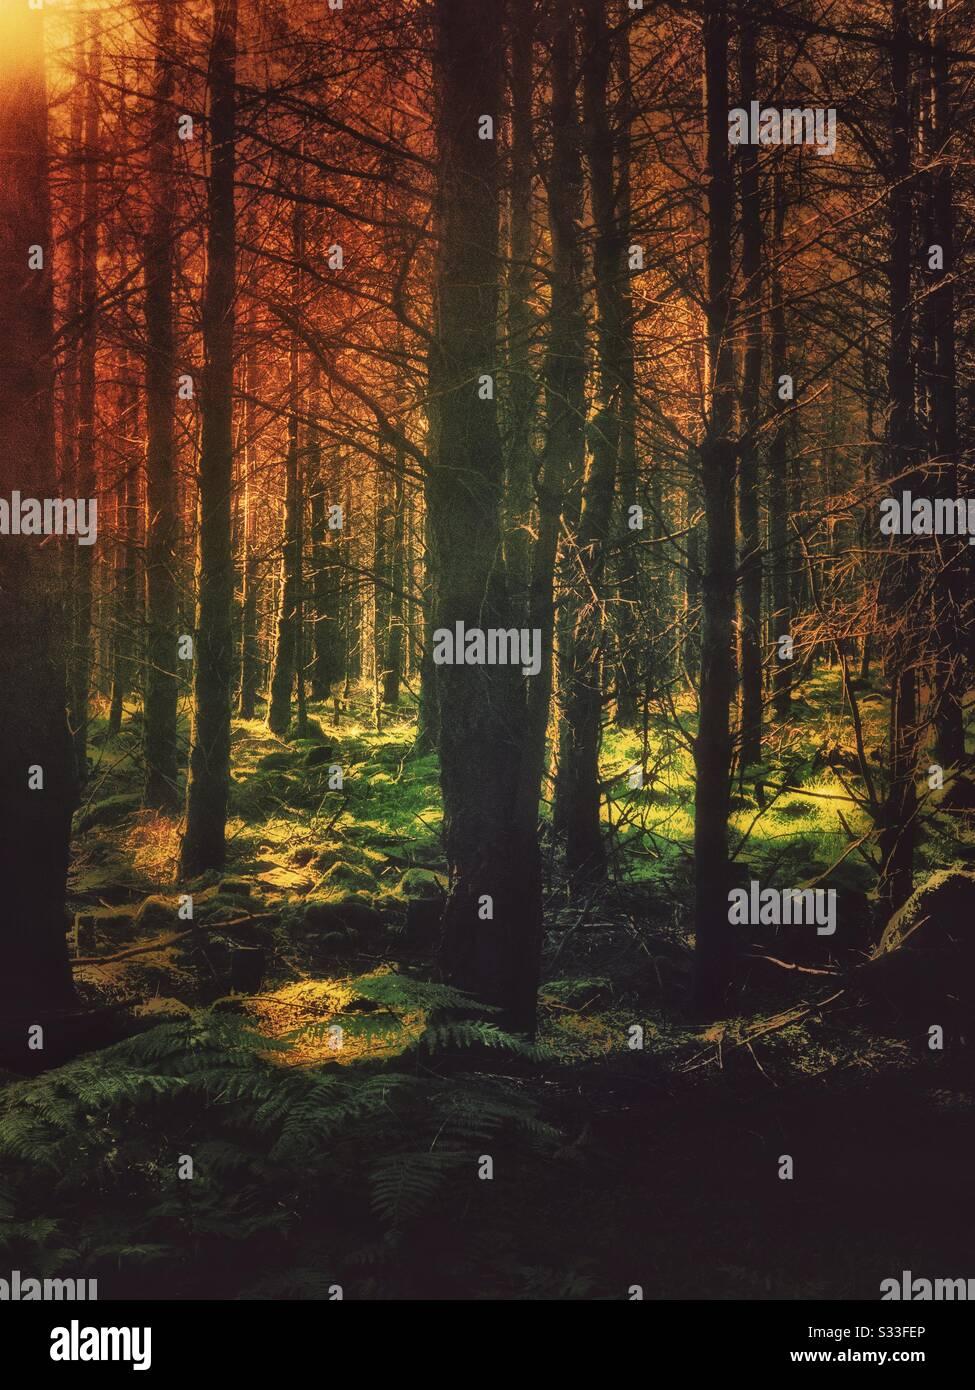 Luz solar nocturna en un bosque de coníferas. Foto de stock